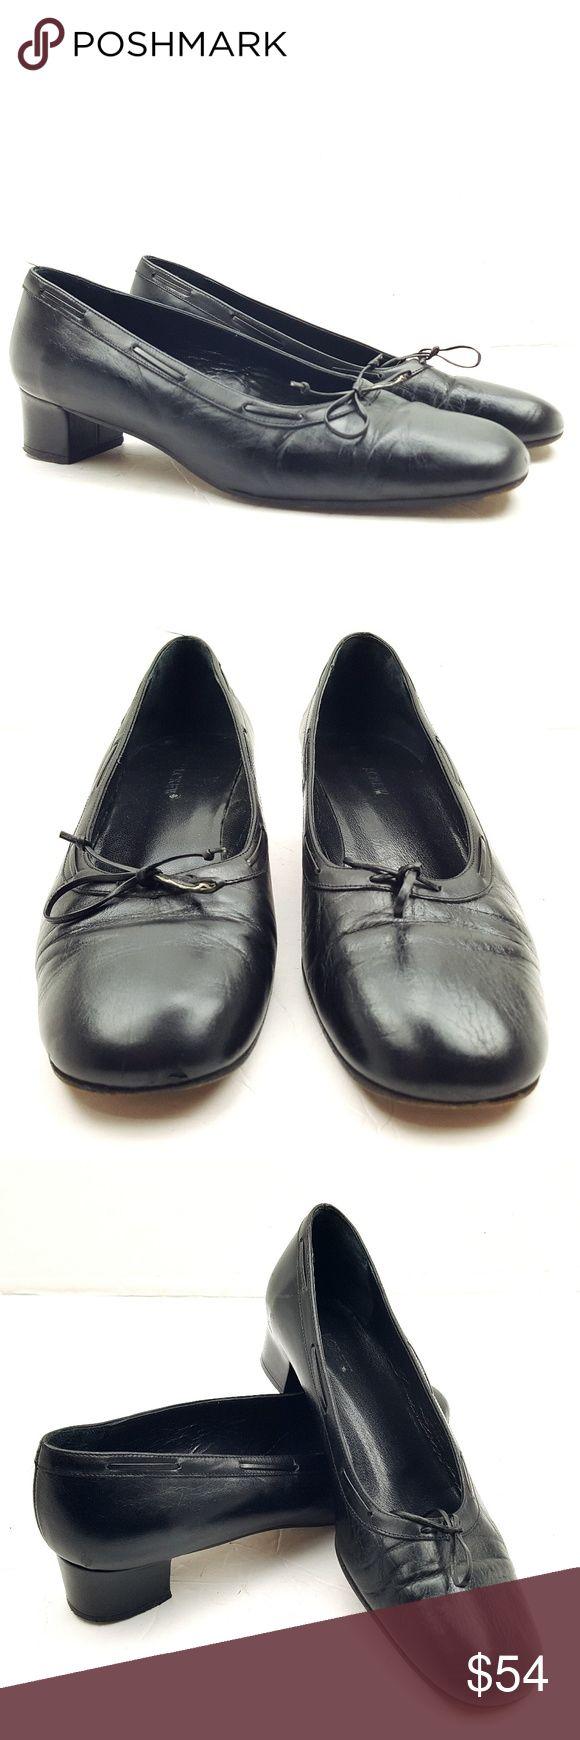 Mujeres de la caja de cuero Loafer Washed Black Size 6 1eQIKHDTO